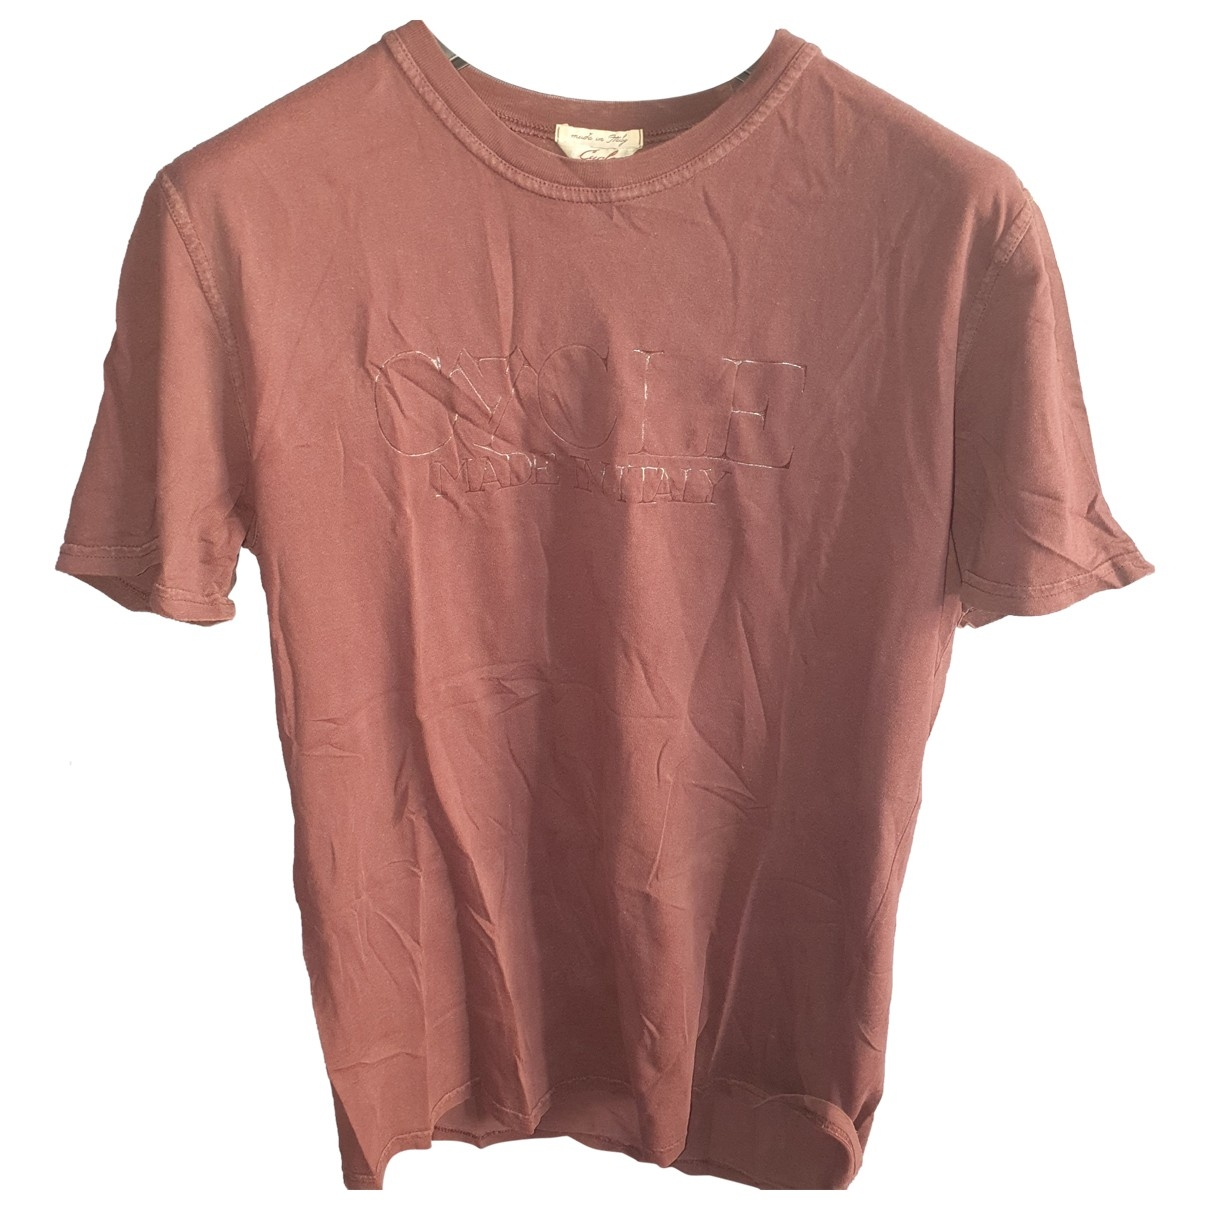 Cycle - Tee shirts   pour homme en coton - bordeaux